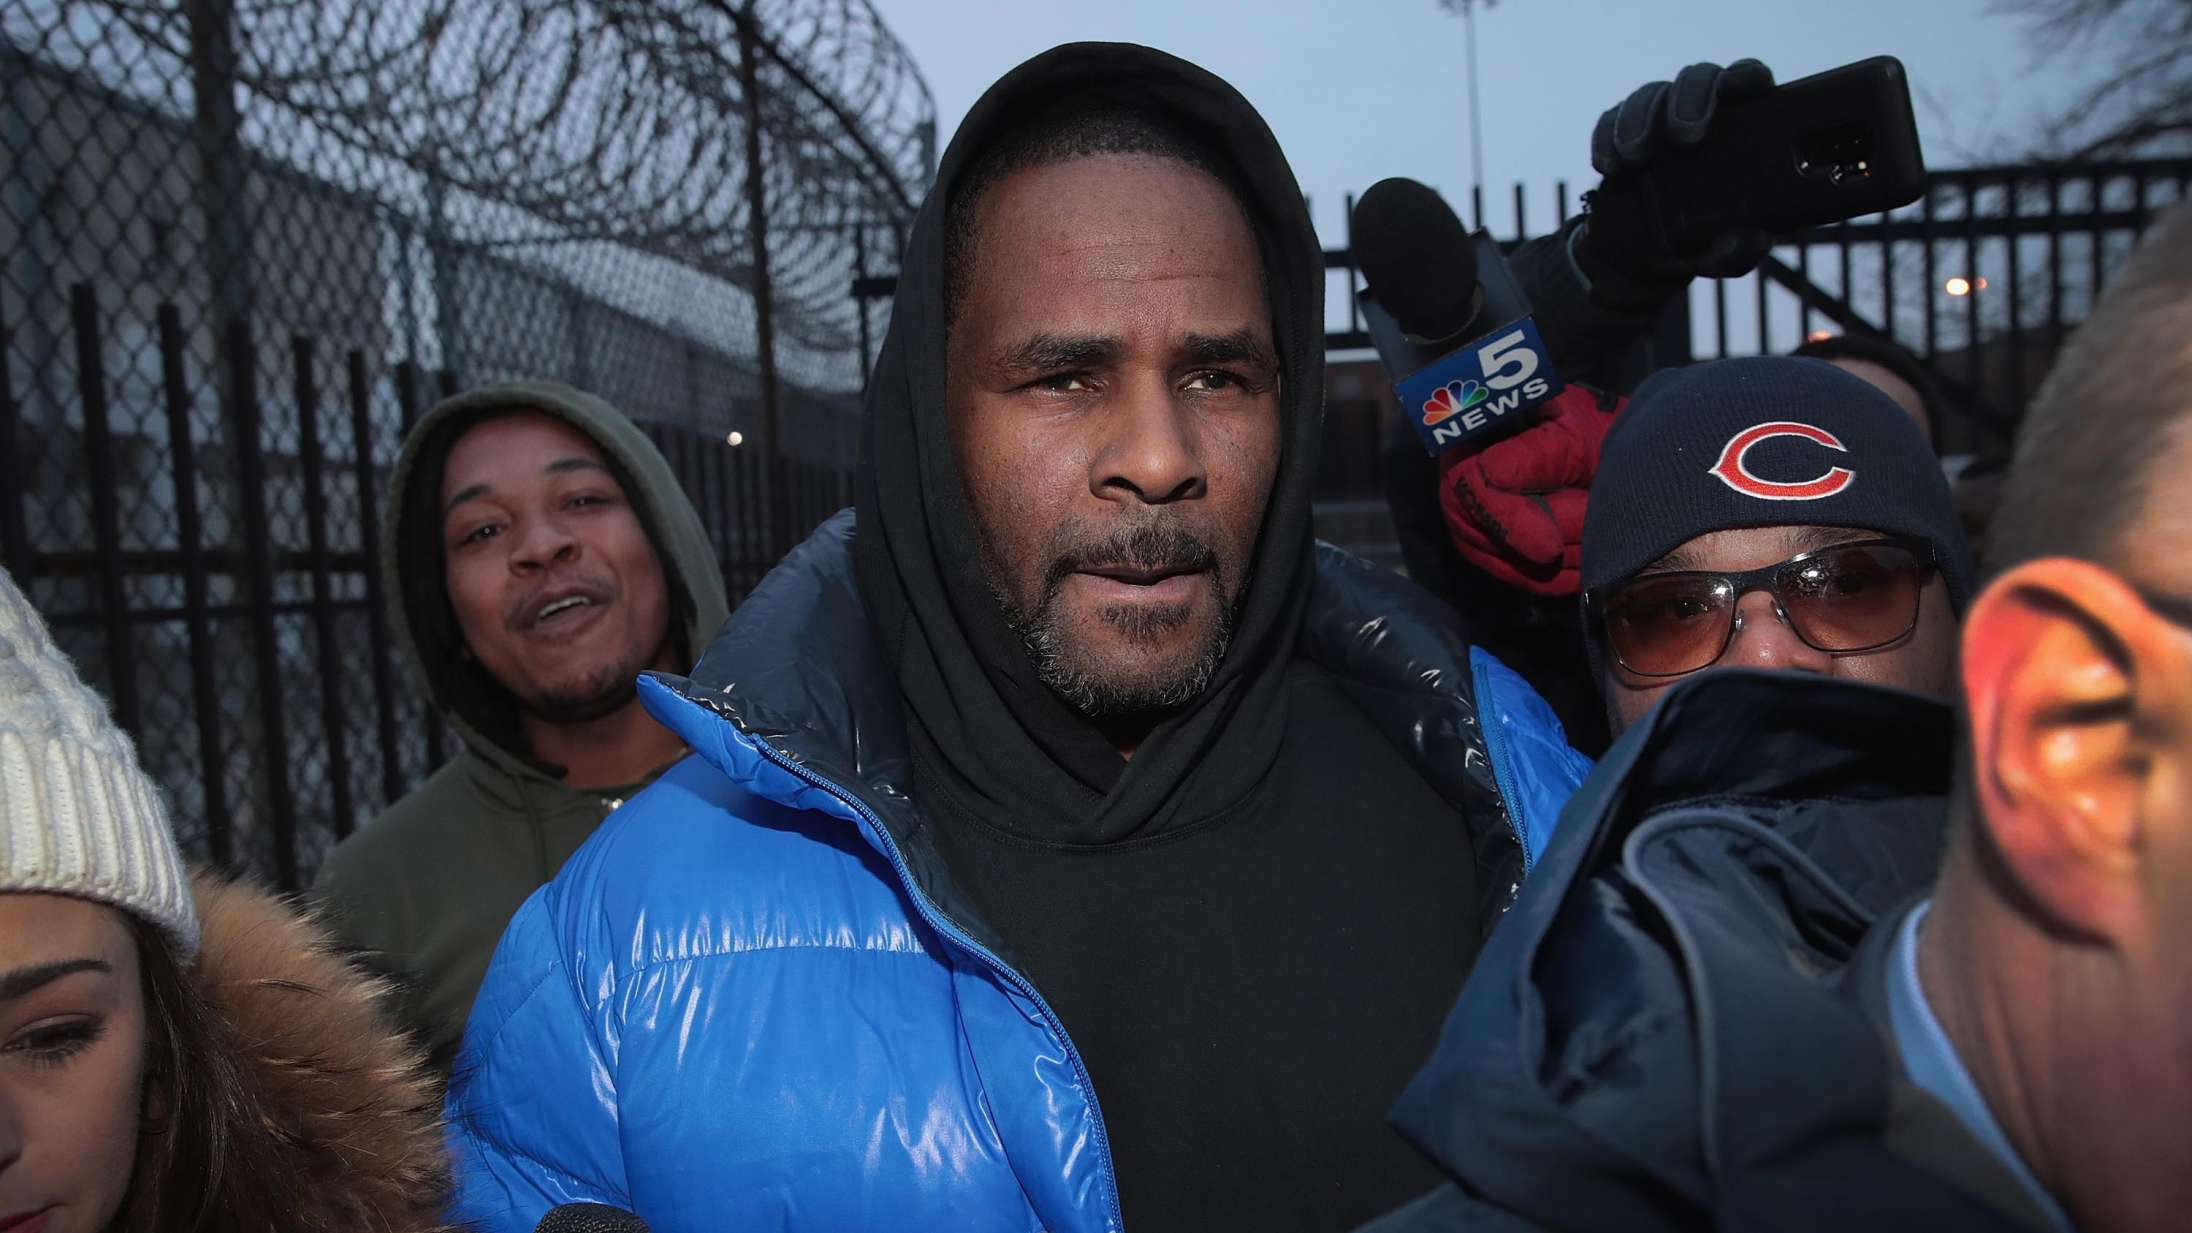 R. Kelly kendt skyldig i kriminel virksomhed og menneskehandel – kan straffes med fængsel på livstid